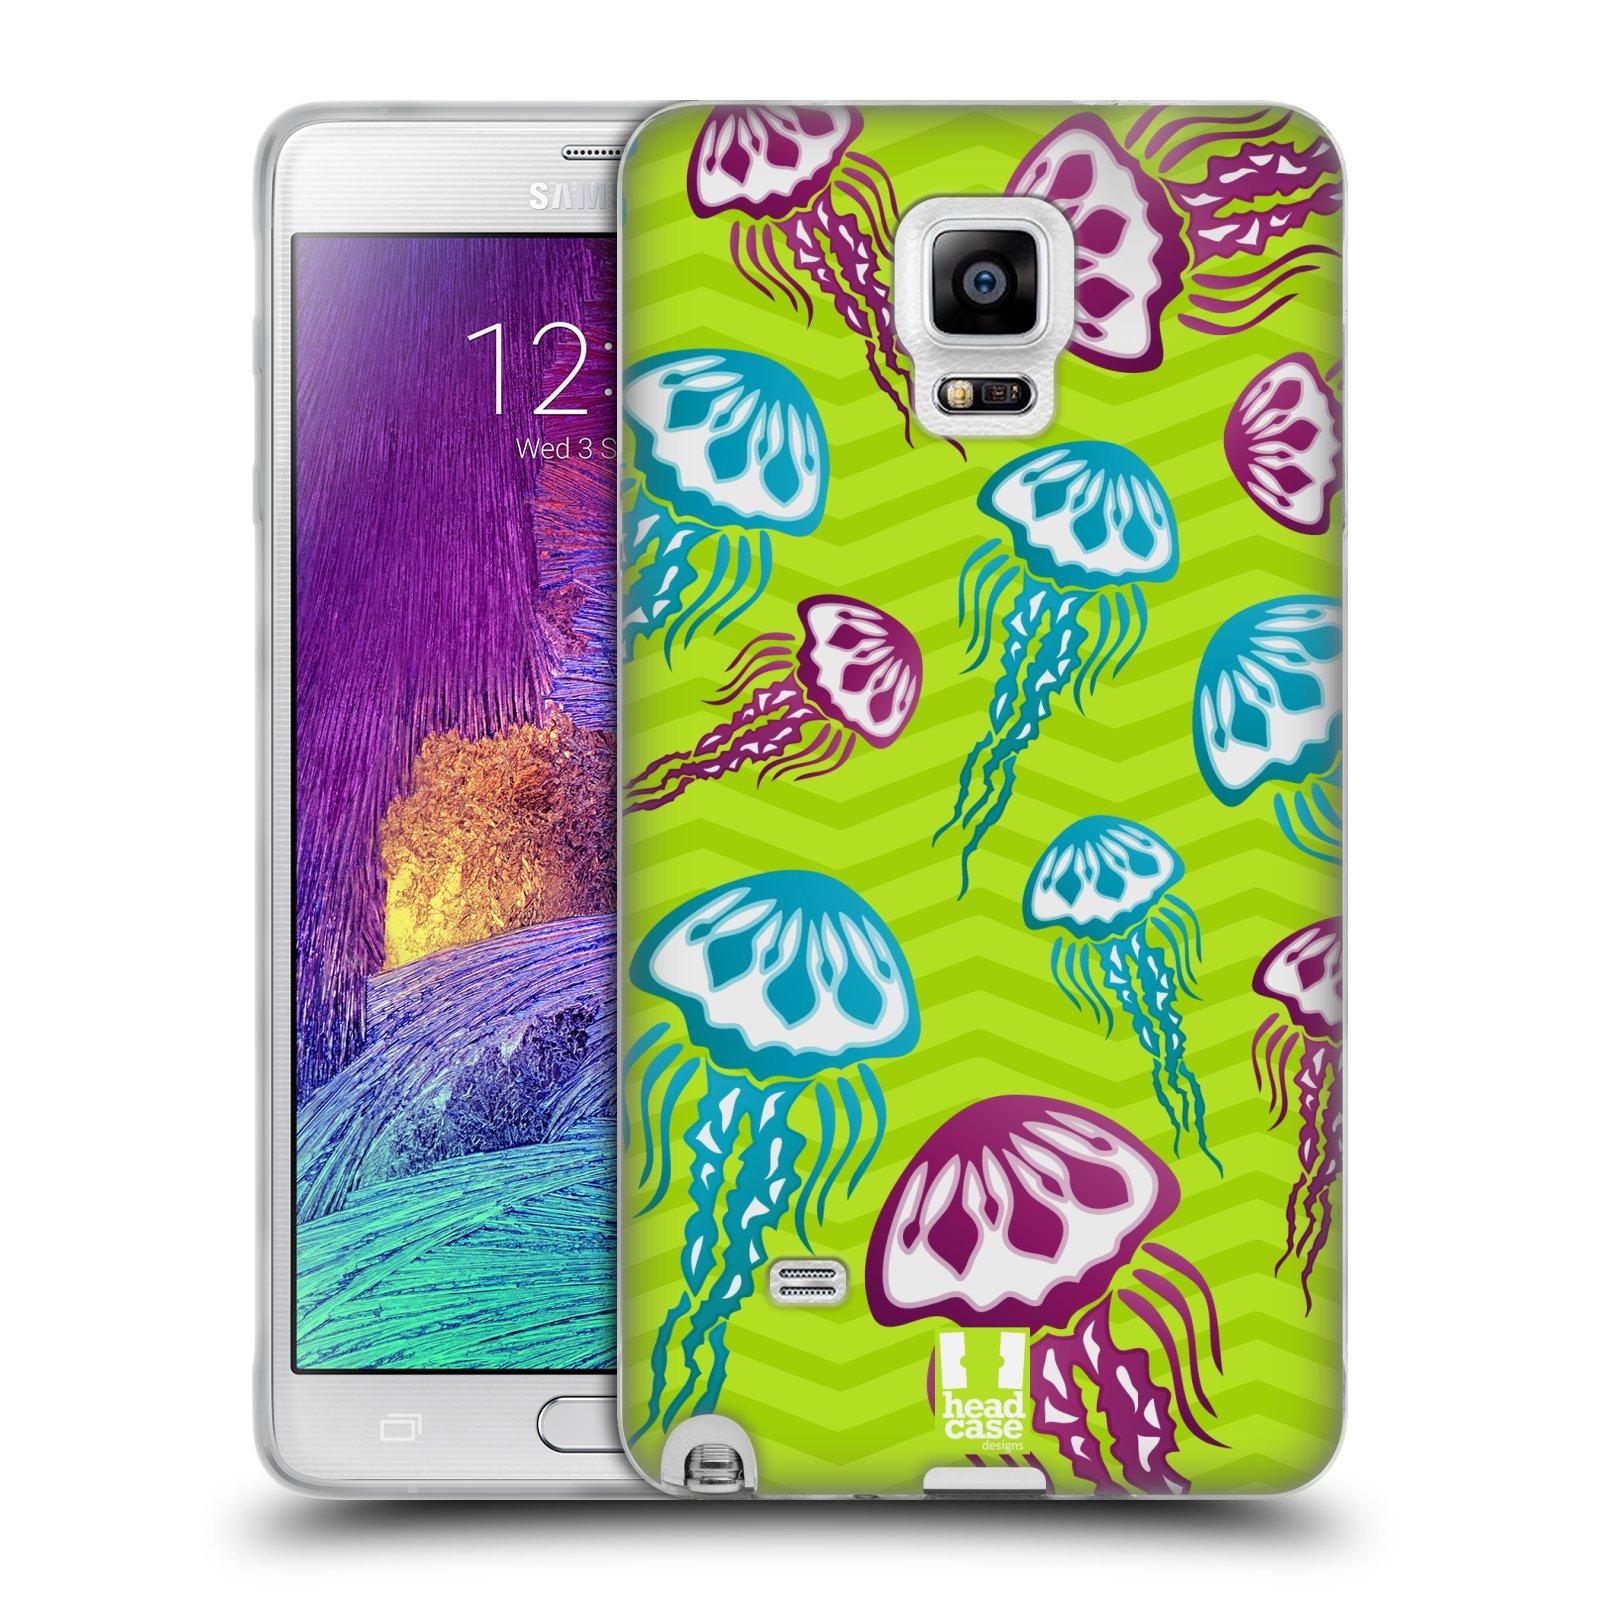 HEAD CASE silikonový obal na mobil Samsung Galaxy Note 4 (N910) vzor mořský živočich medůza